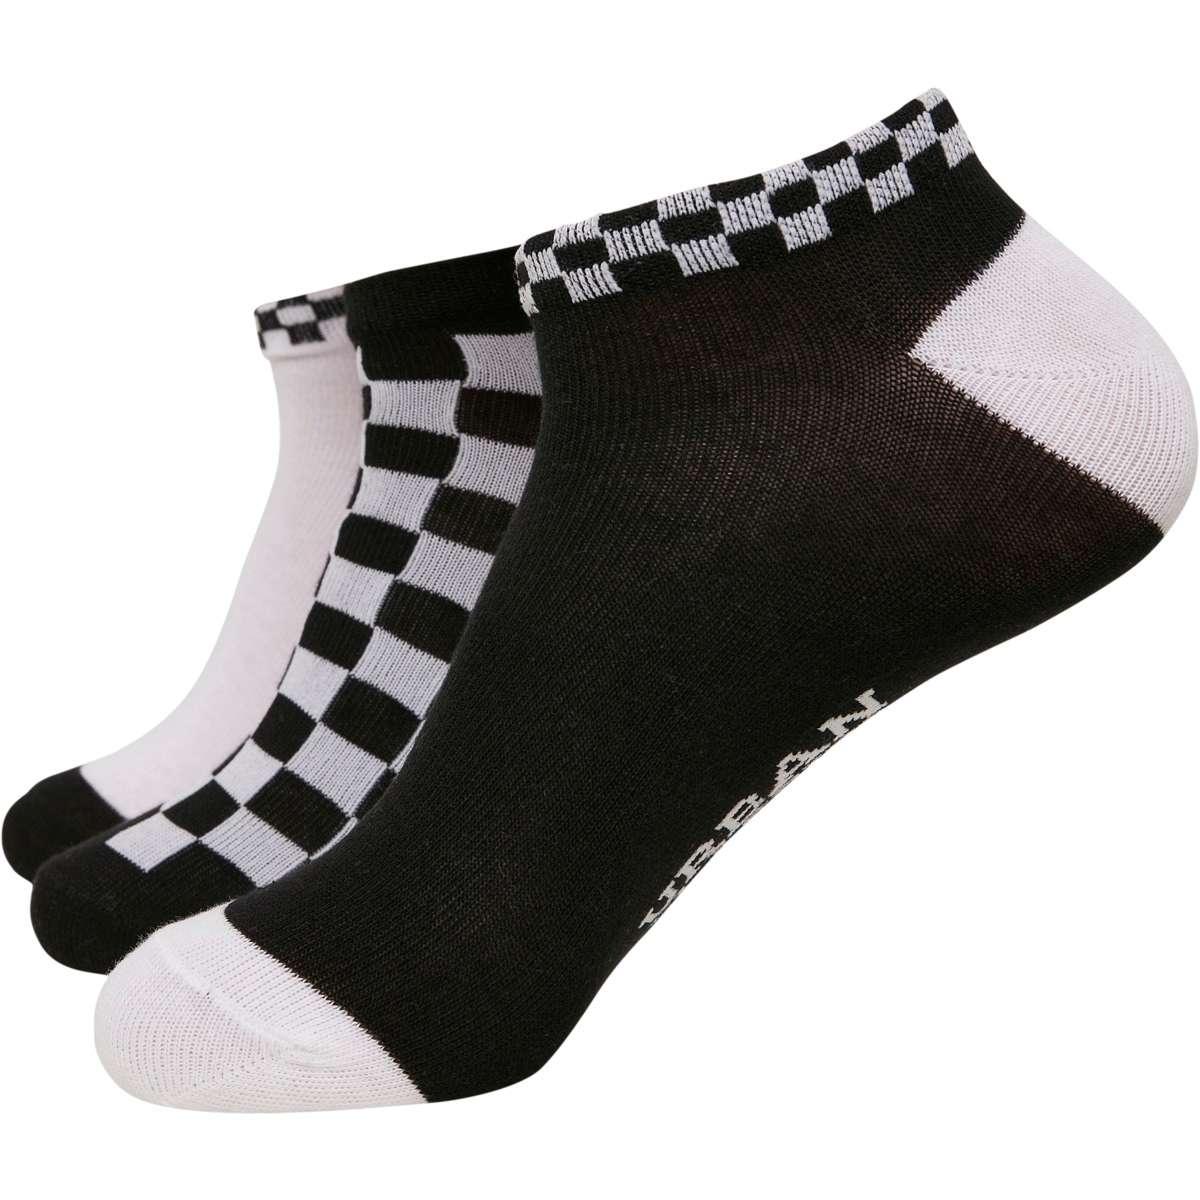 SNEAKER SOCKS CHECKS 3-PACK TB3387 BLACK / WHITE